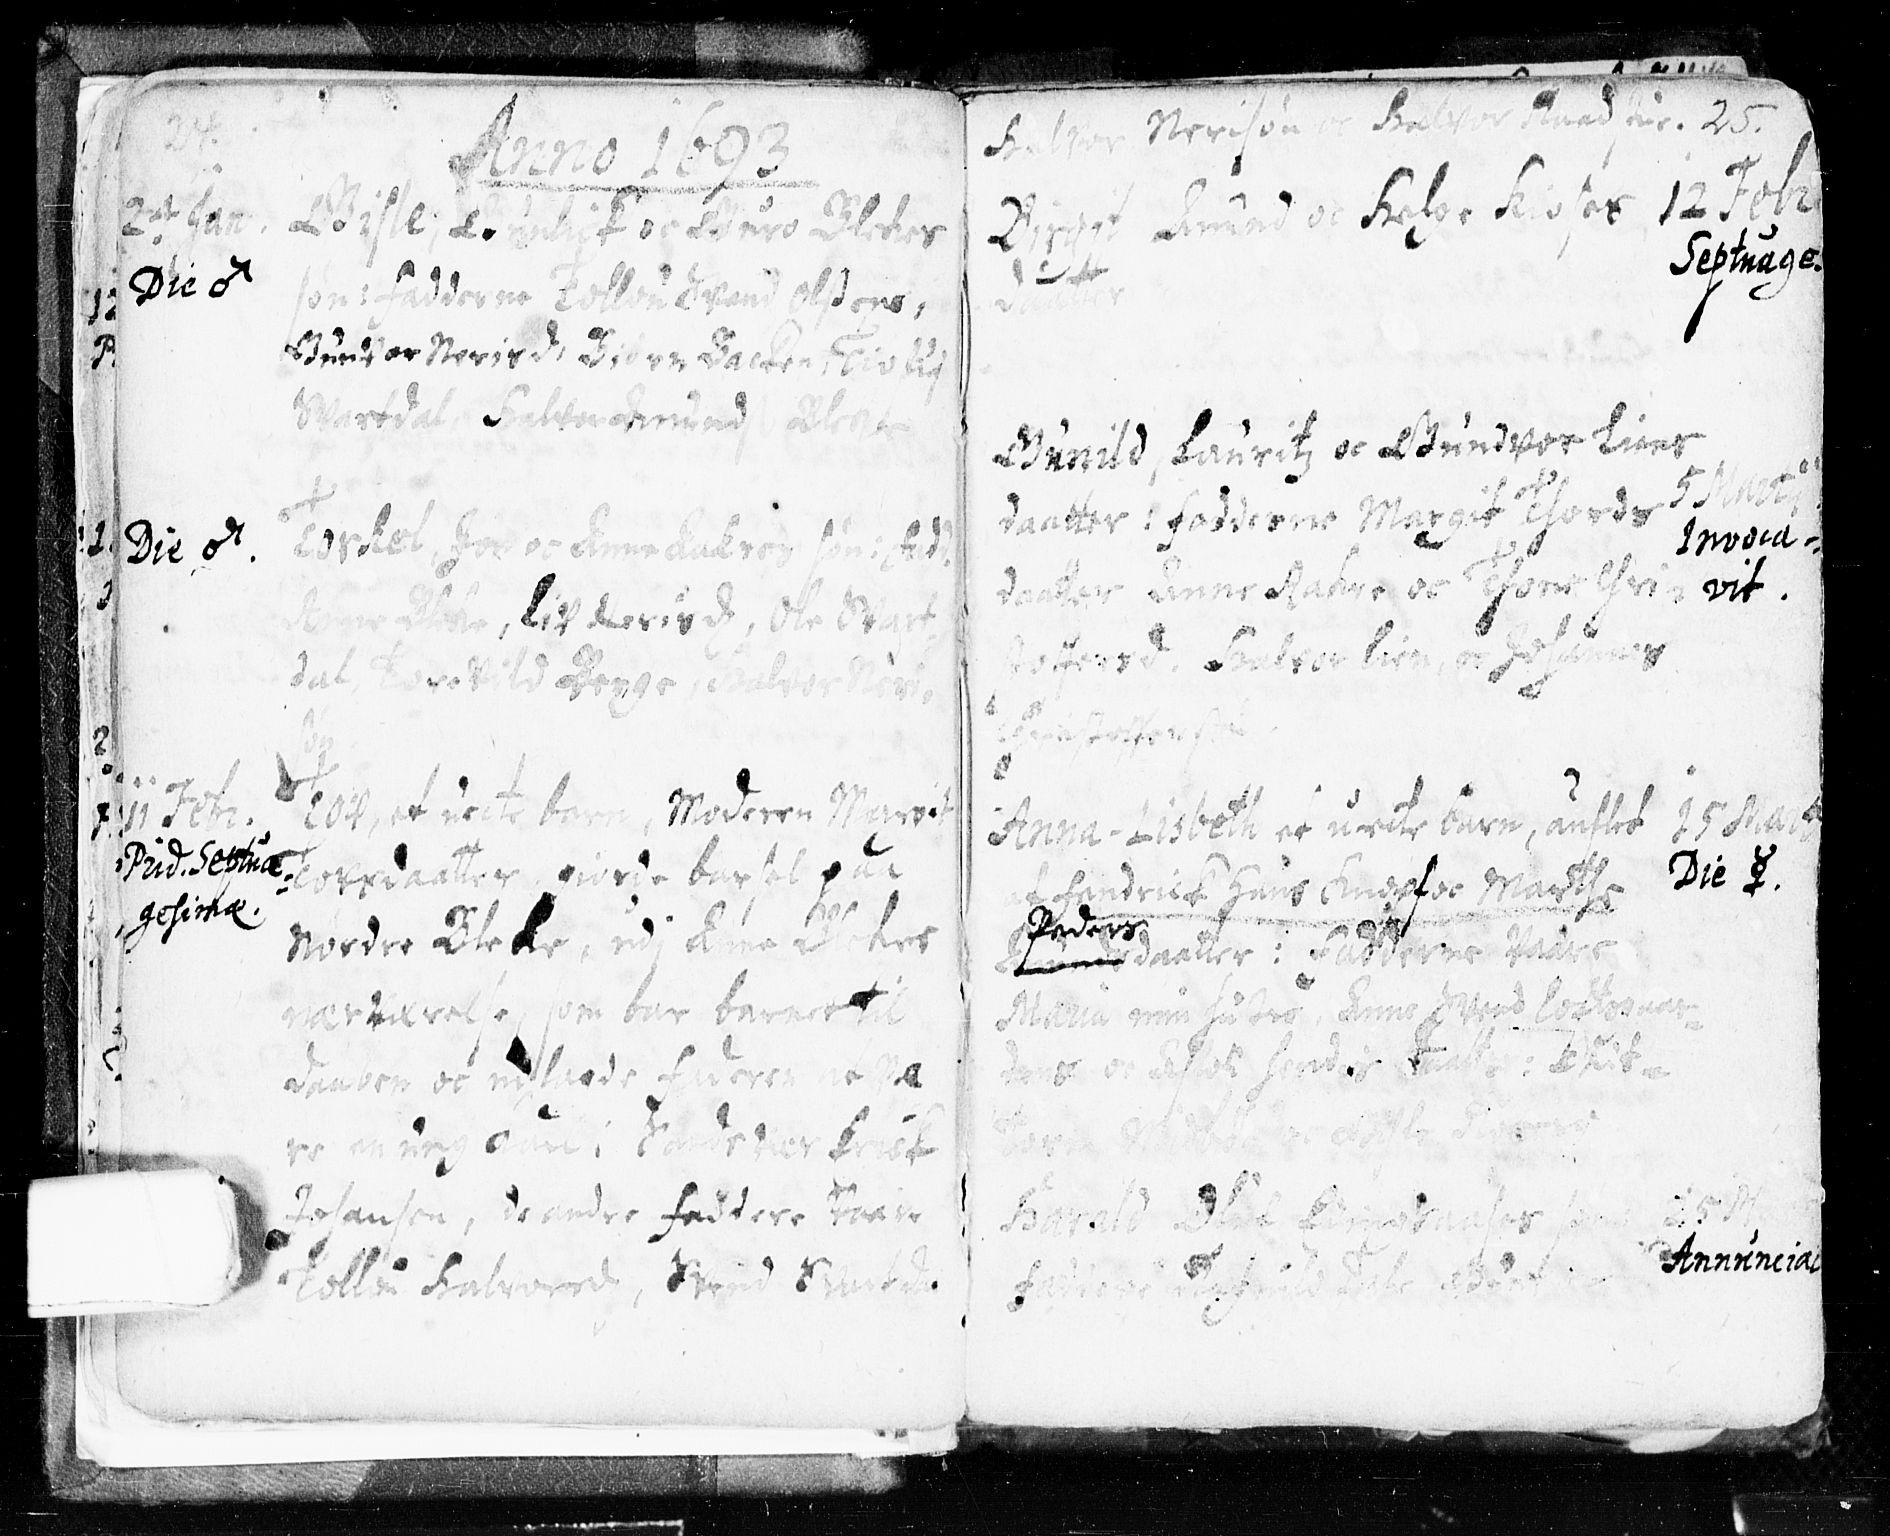 SAKO, Seljord kirkebøker, F/Fa/L0002: Ministerialbok nr. I 2, 1689-1713, s. 24-25